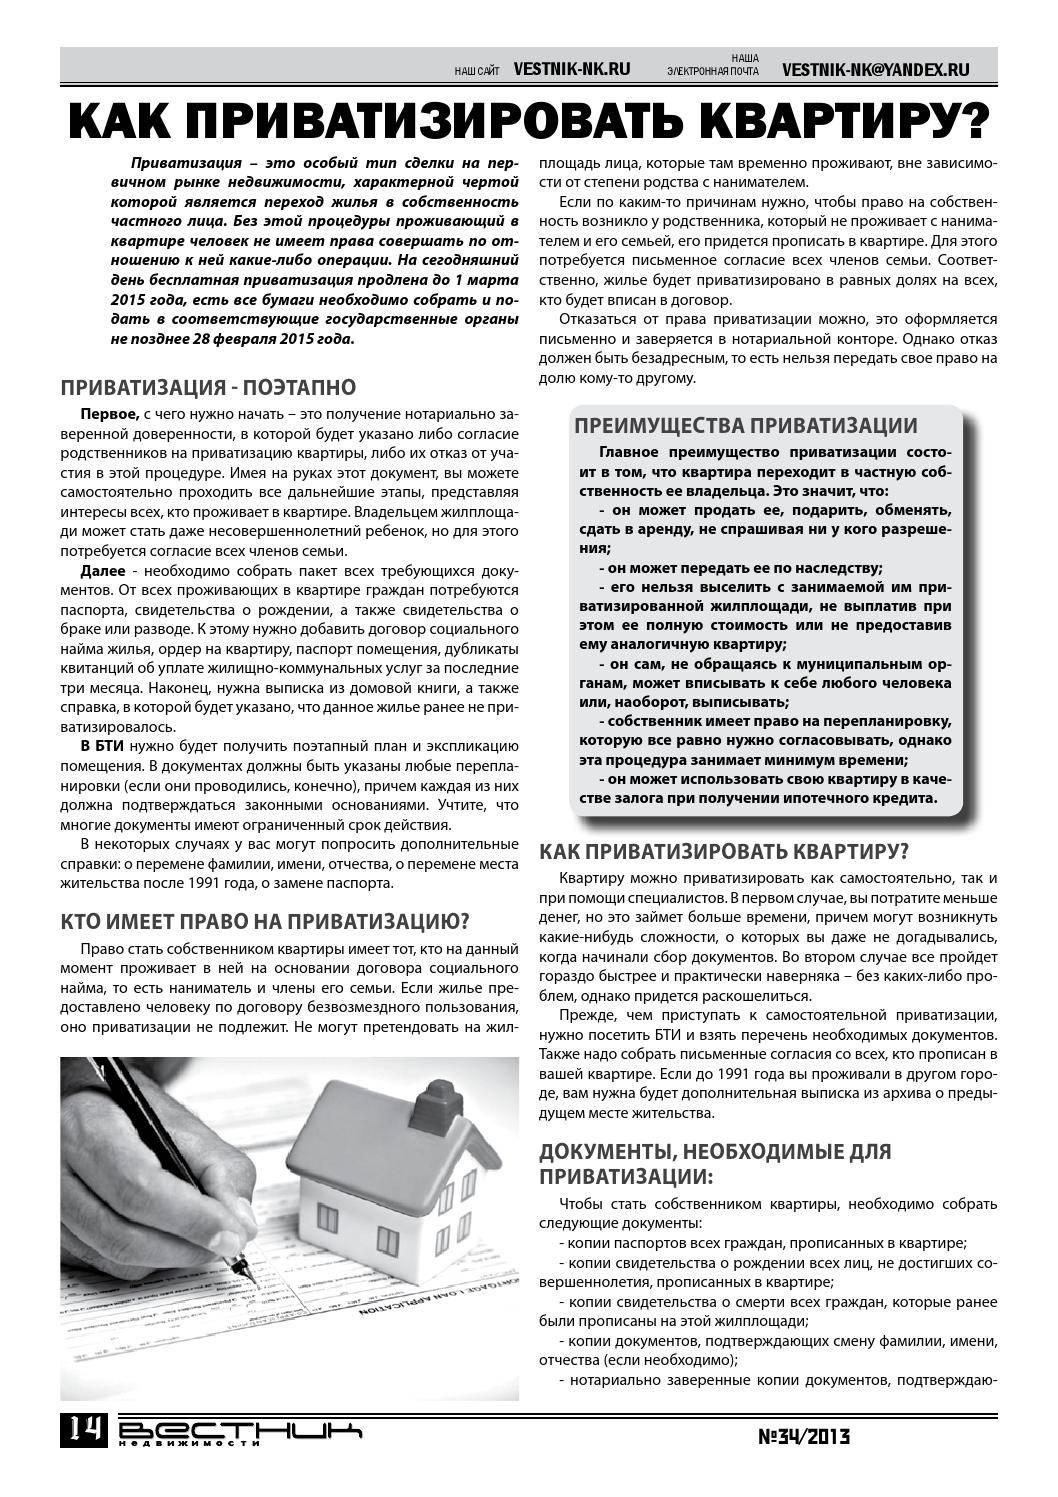 Приватизировать квартиру по договору социального найма: можно ли и как, особенности